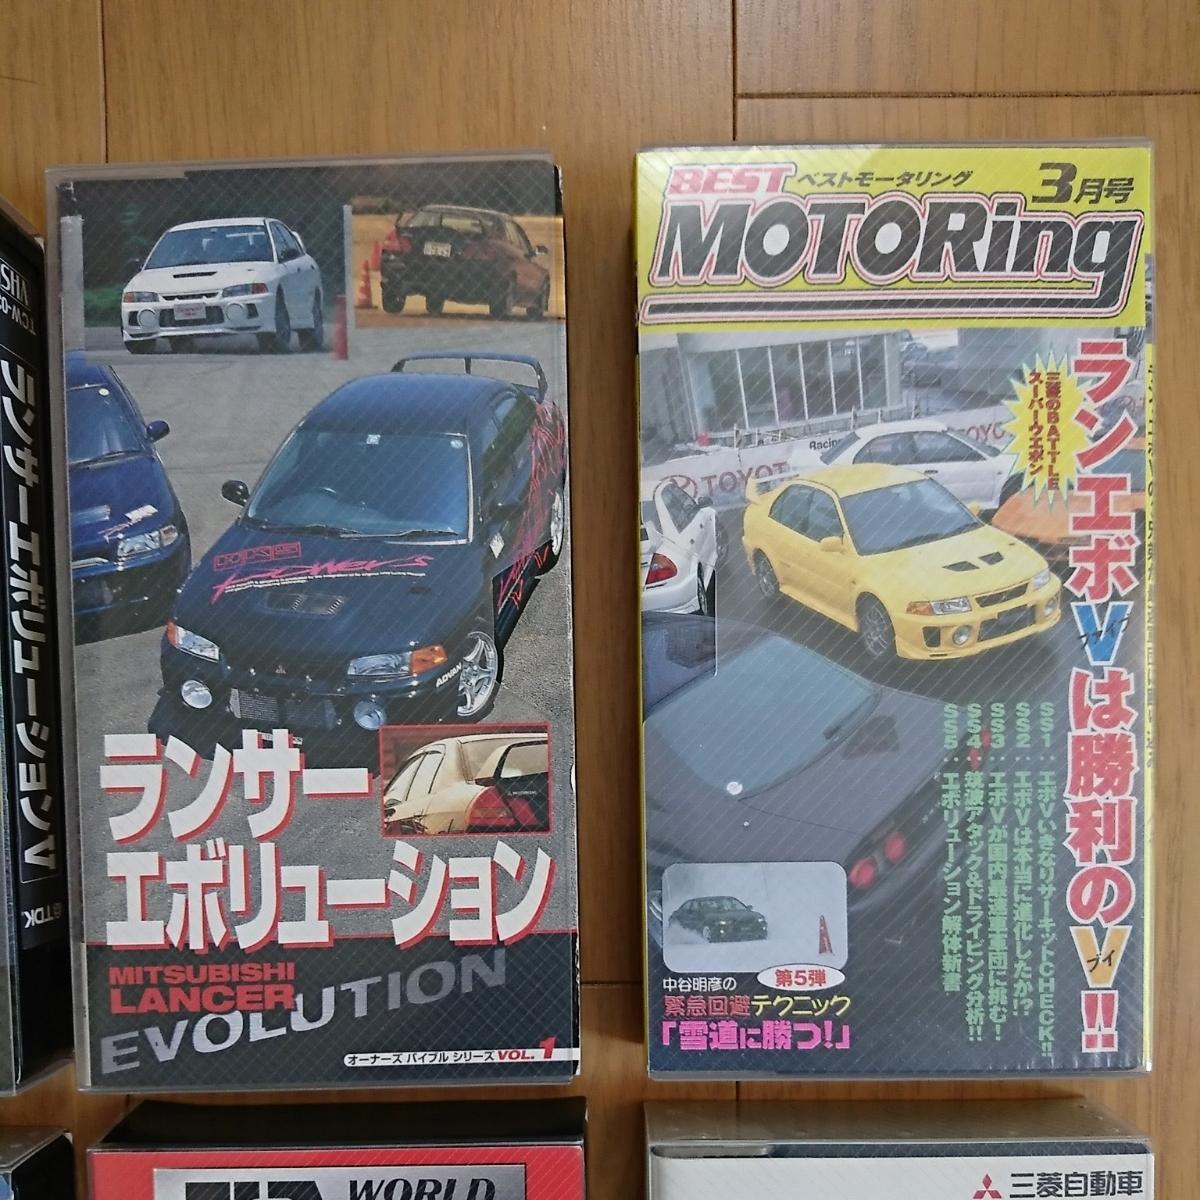 激レア!三菱 ランサーエボリューション・WRC・ラリー 関連のVHSビデオテープ8本セット_画像3